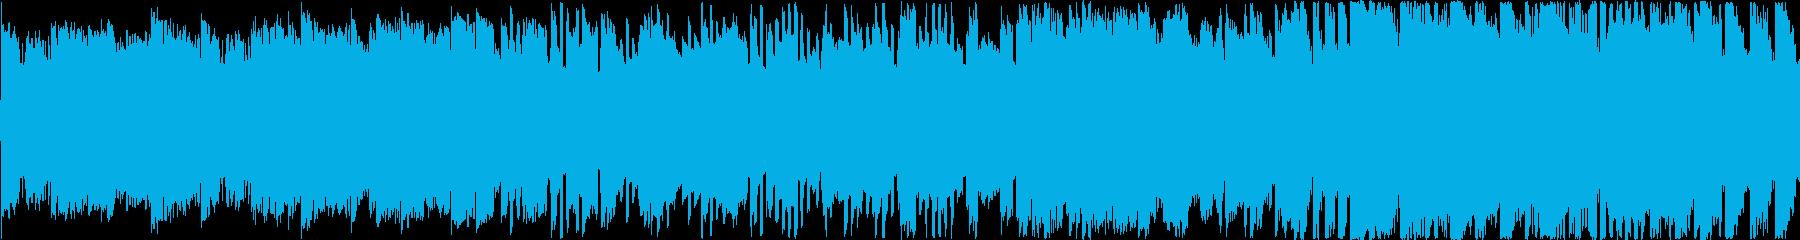 ファミコン風の軽快、アップテンポなBGMの再生済みの波形